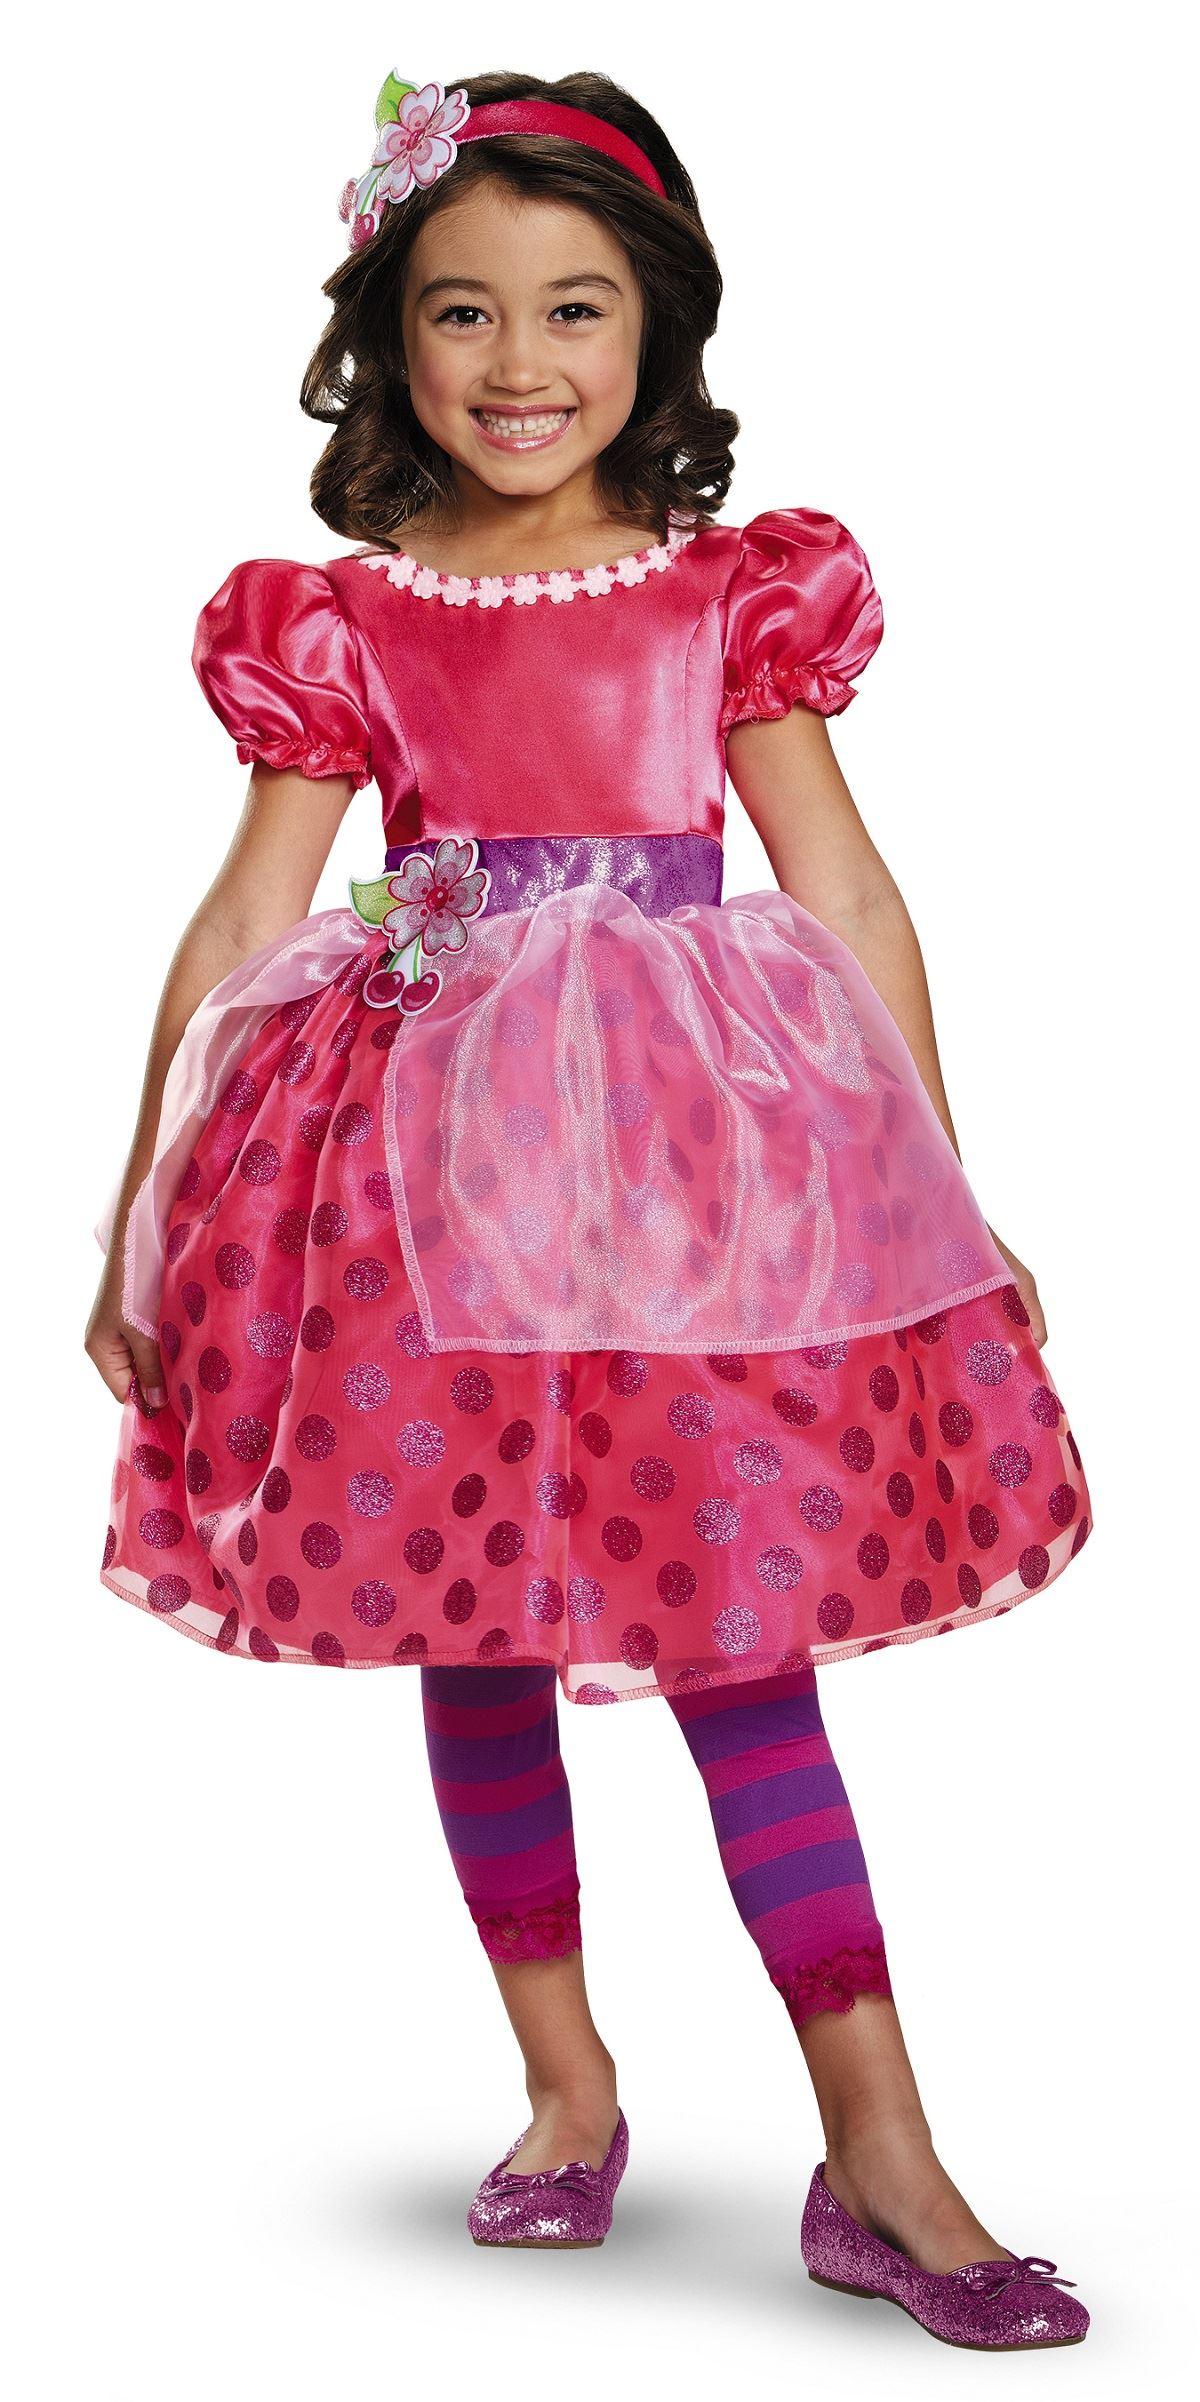 Kids Cherry Jam Strawberry Shortcake Costume